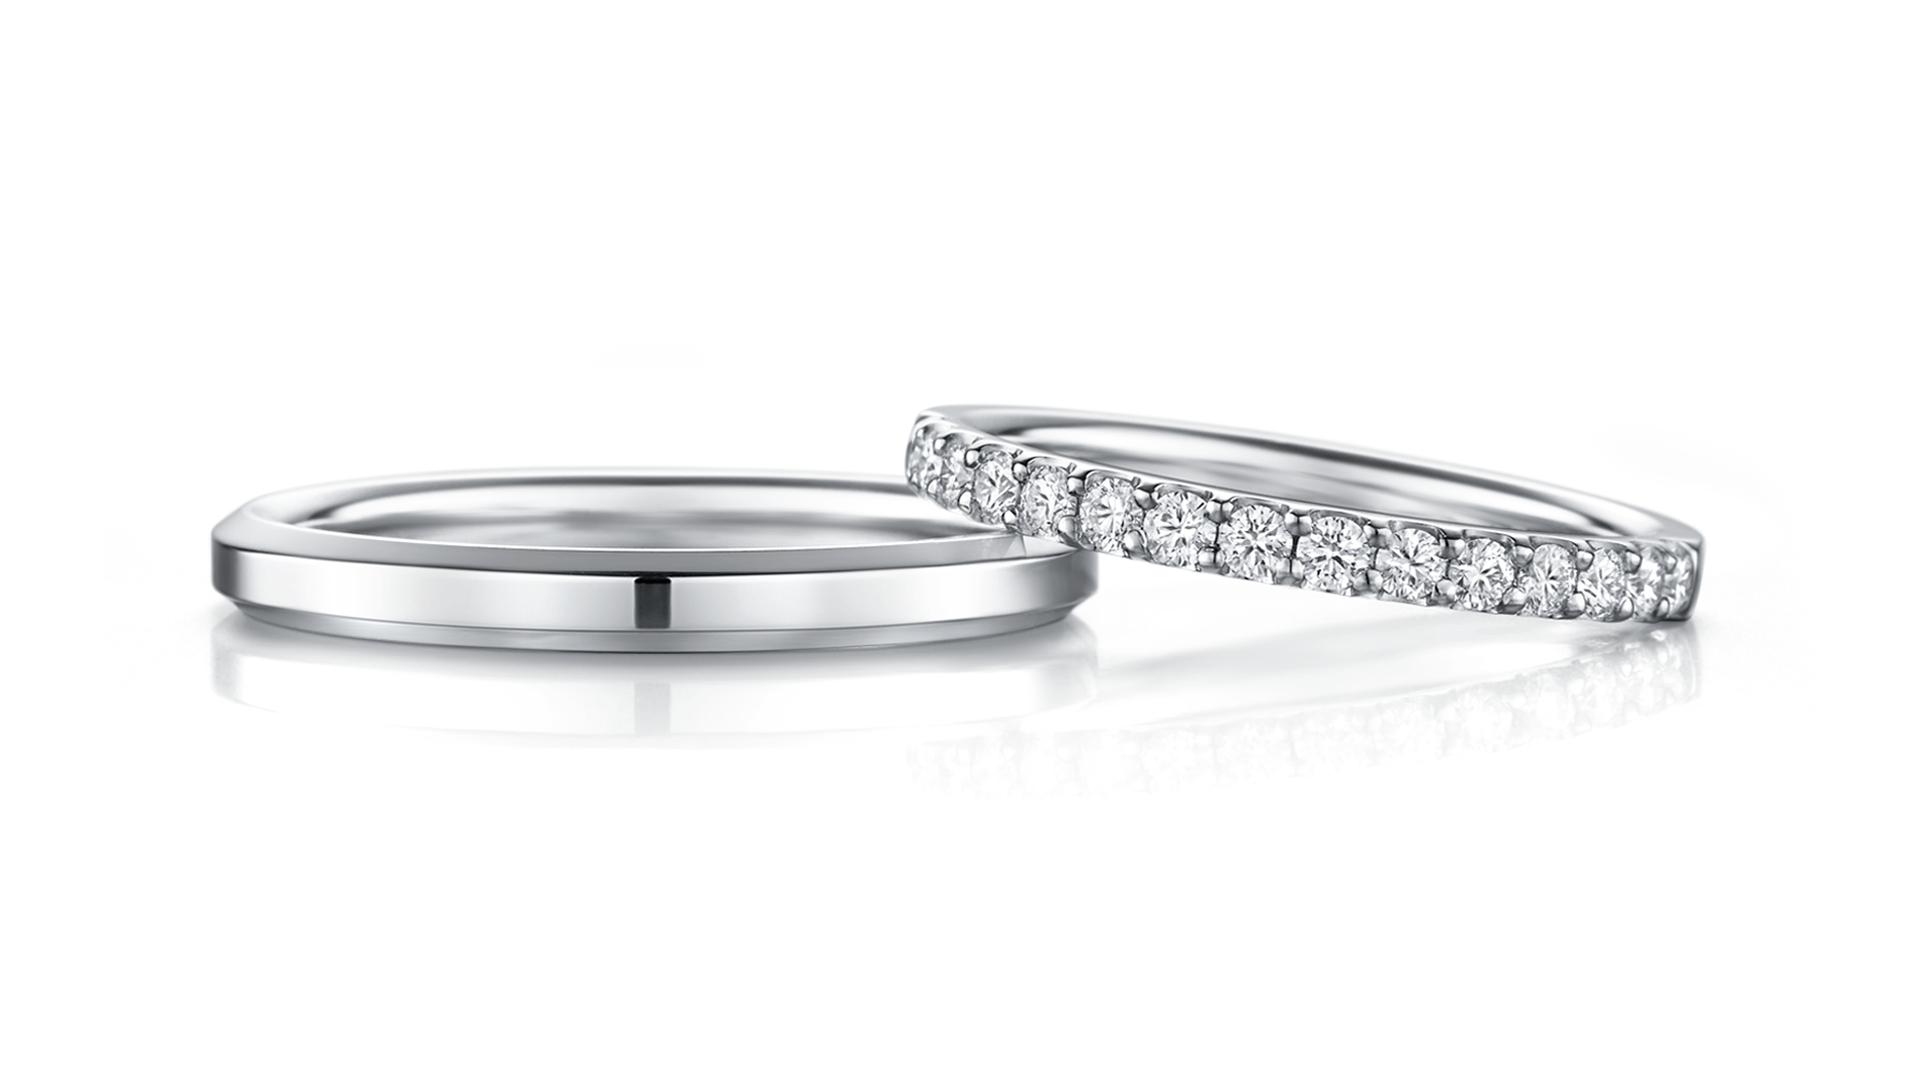 vestalis ウェスタリス | 結婚指輪サムネイル 1